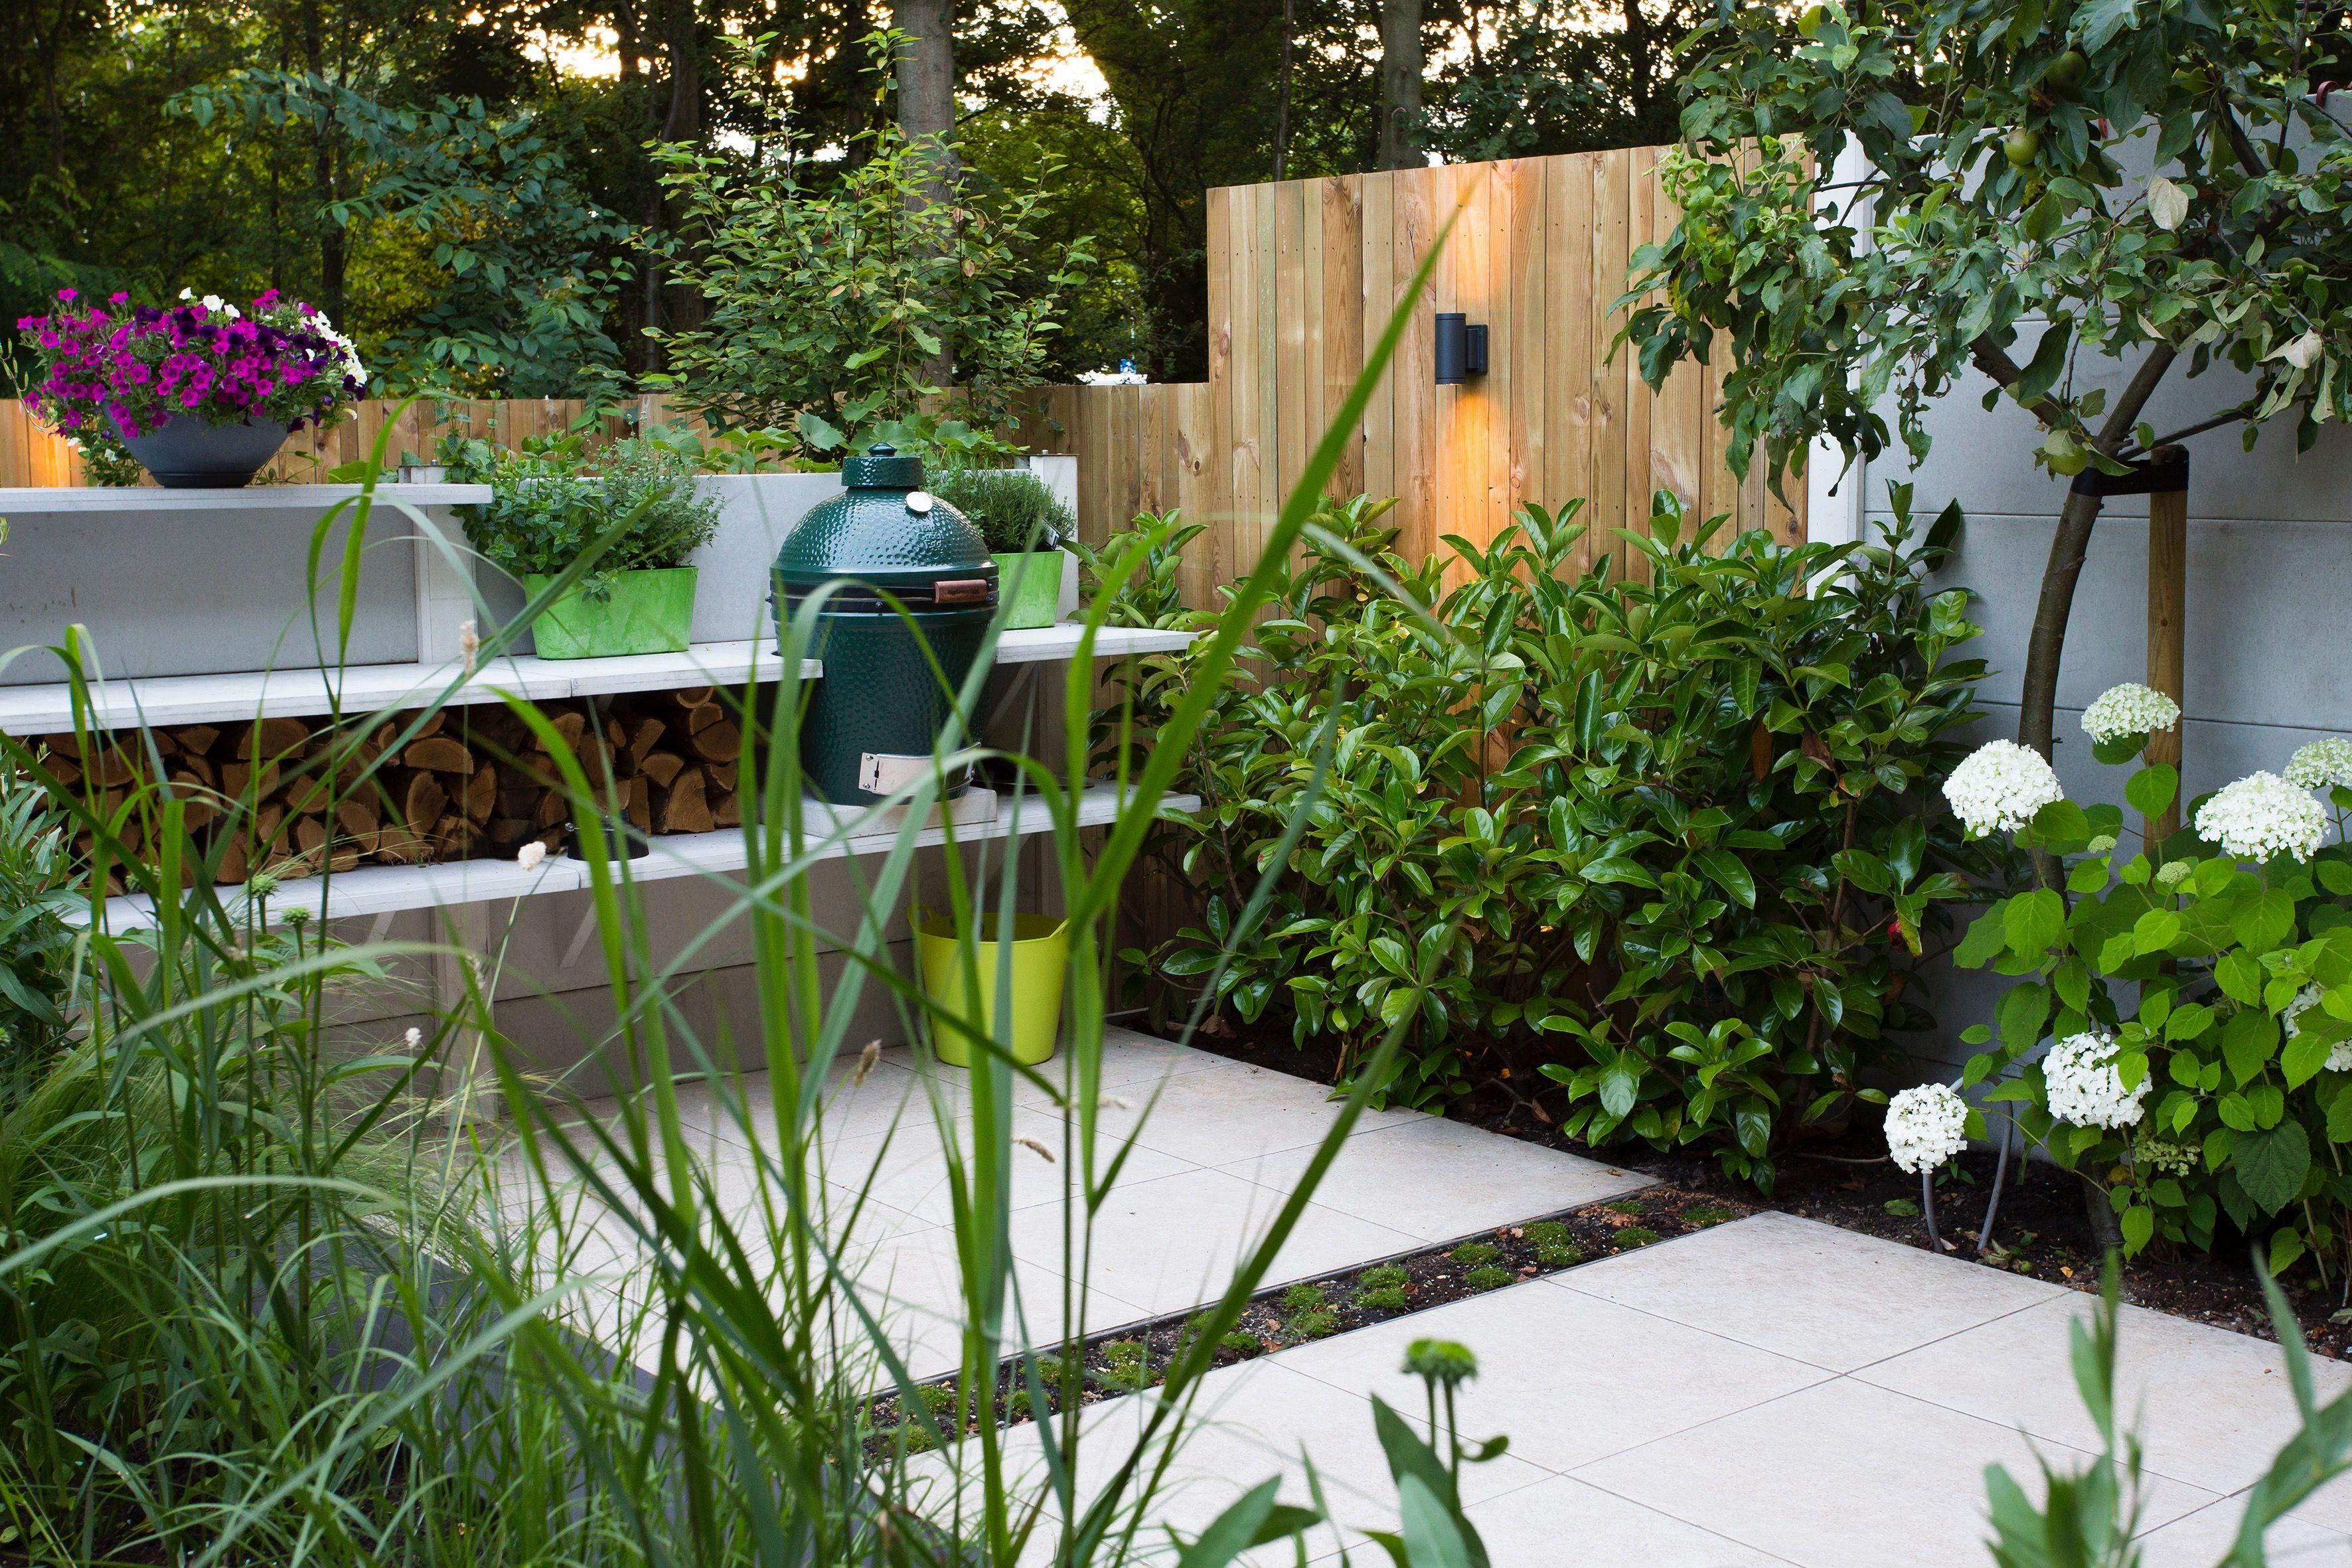 wwoo outdoor kitchen | www.wwoo.nl | customize wwoo | pinterest, Gartengerate ideen